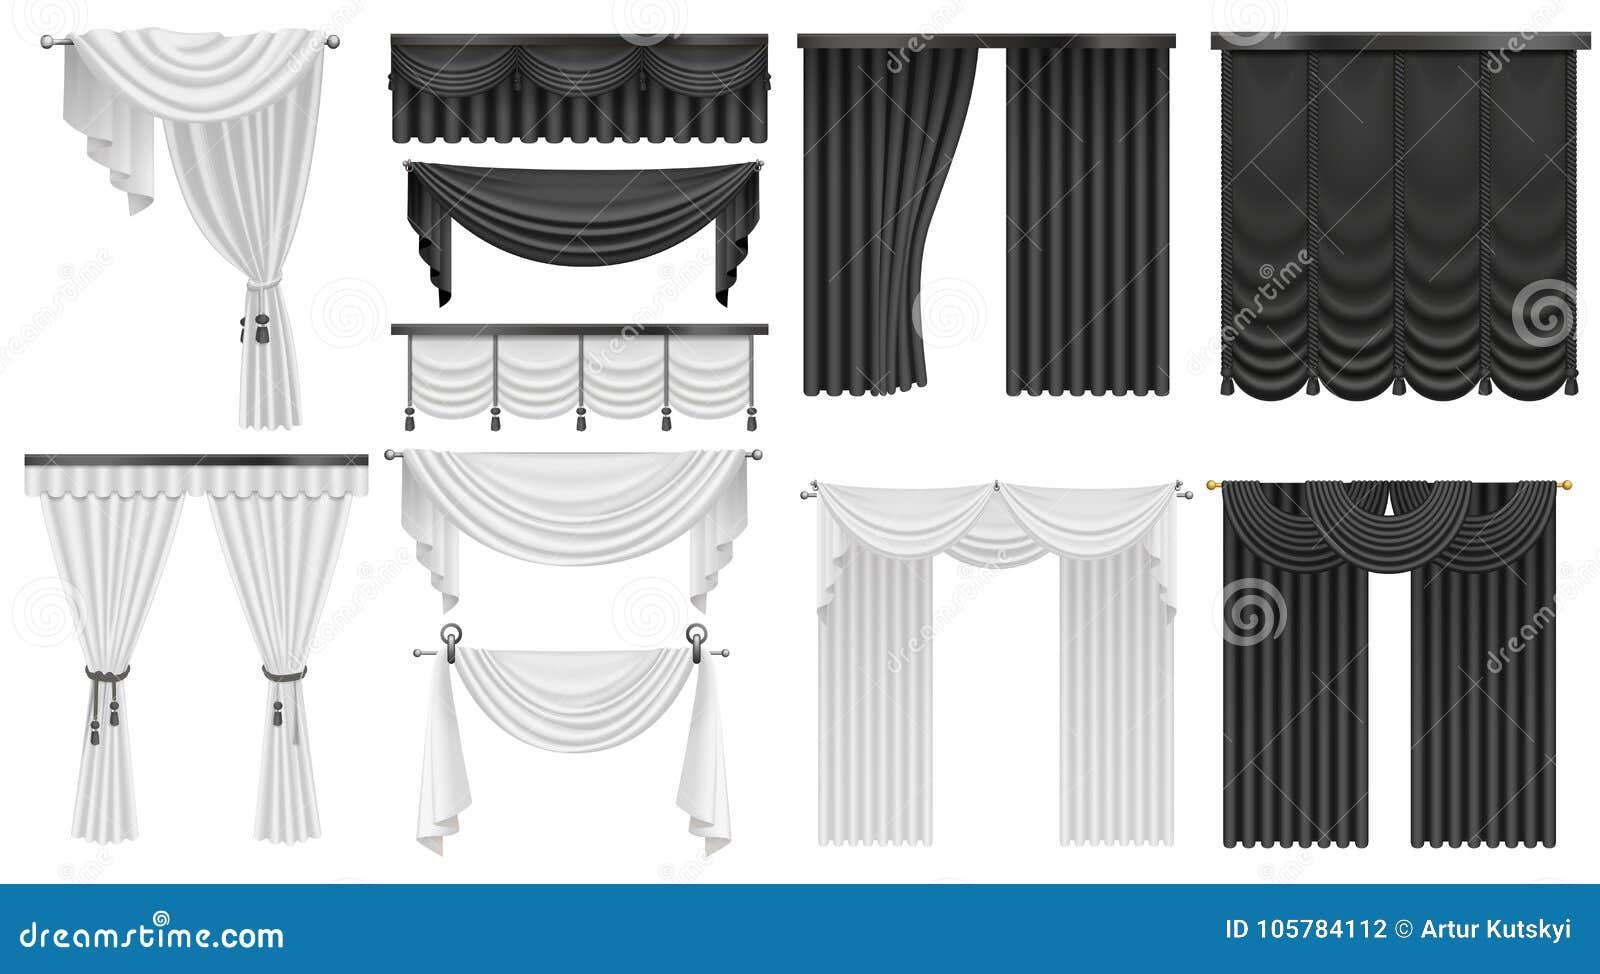 Tende In Velluto Di Seta tende di seta e drappi del velluto in bianco e nero messi